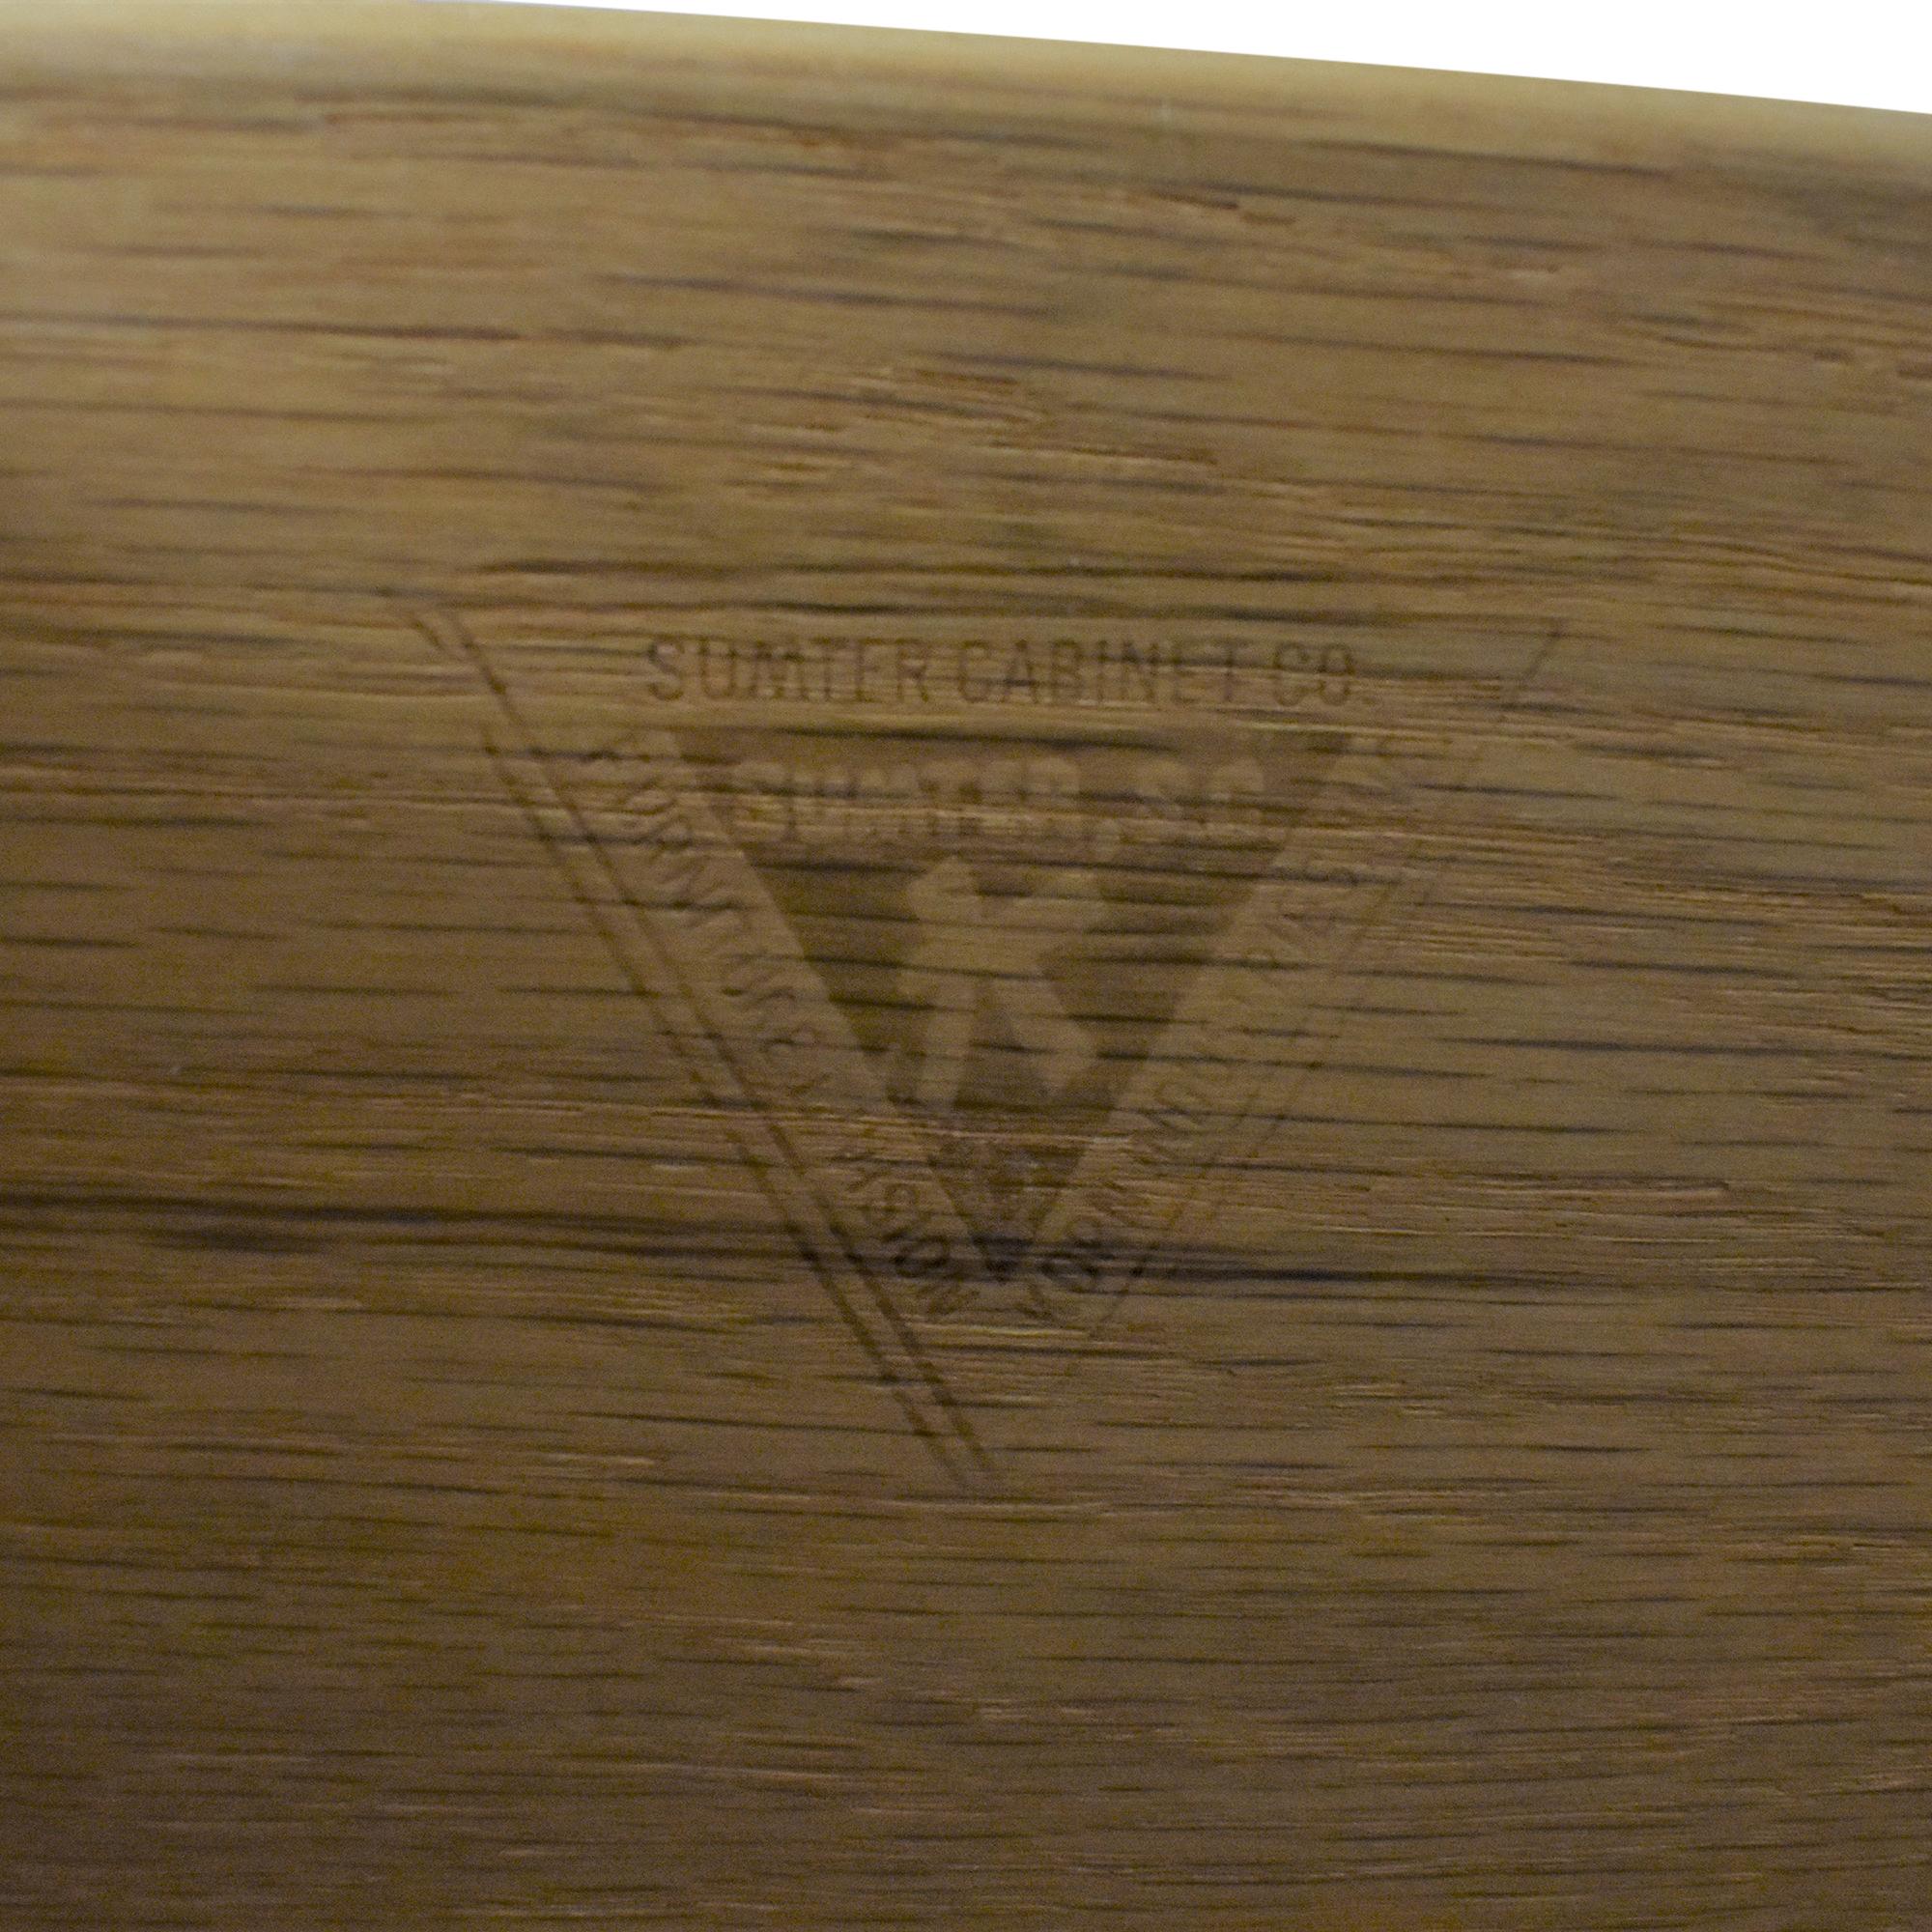 Sumter Cabinet Co. Sumter Cabinet Co. Door Dresser nj